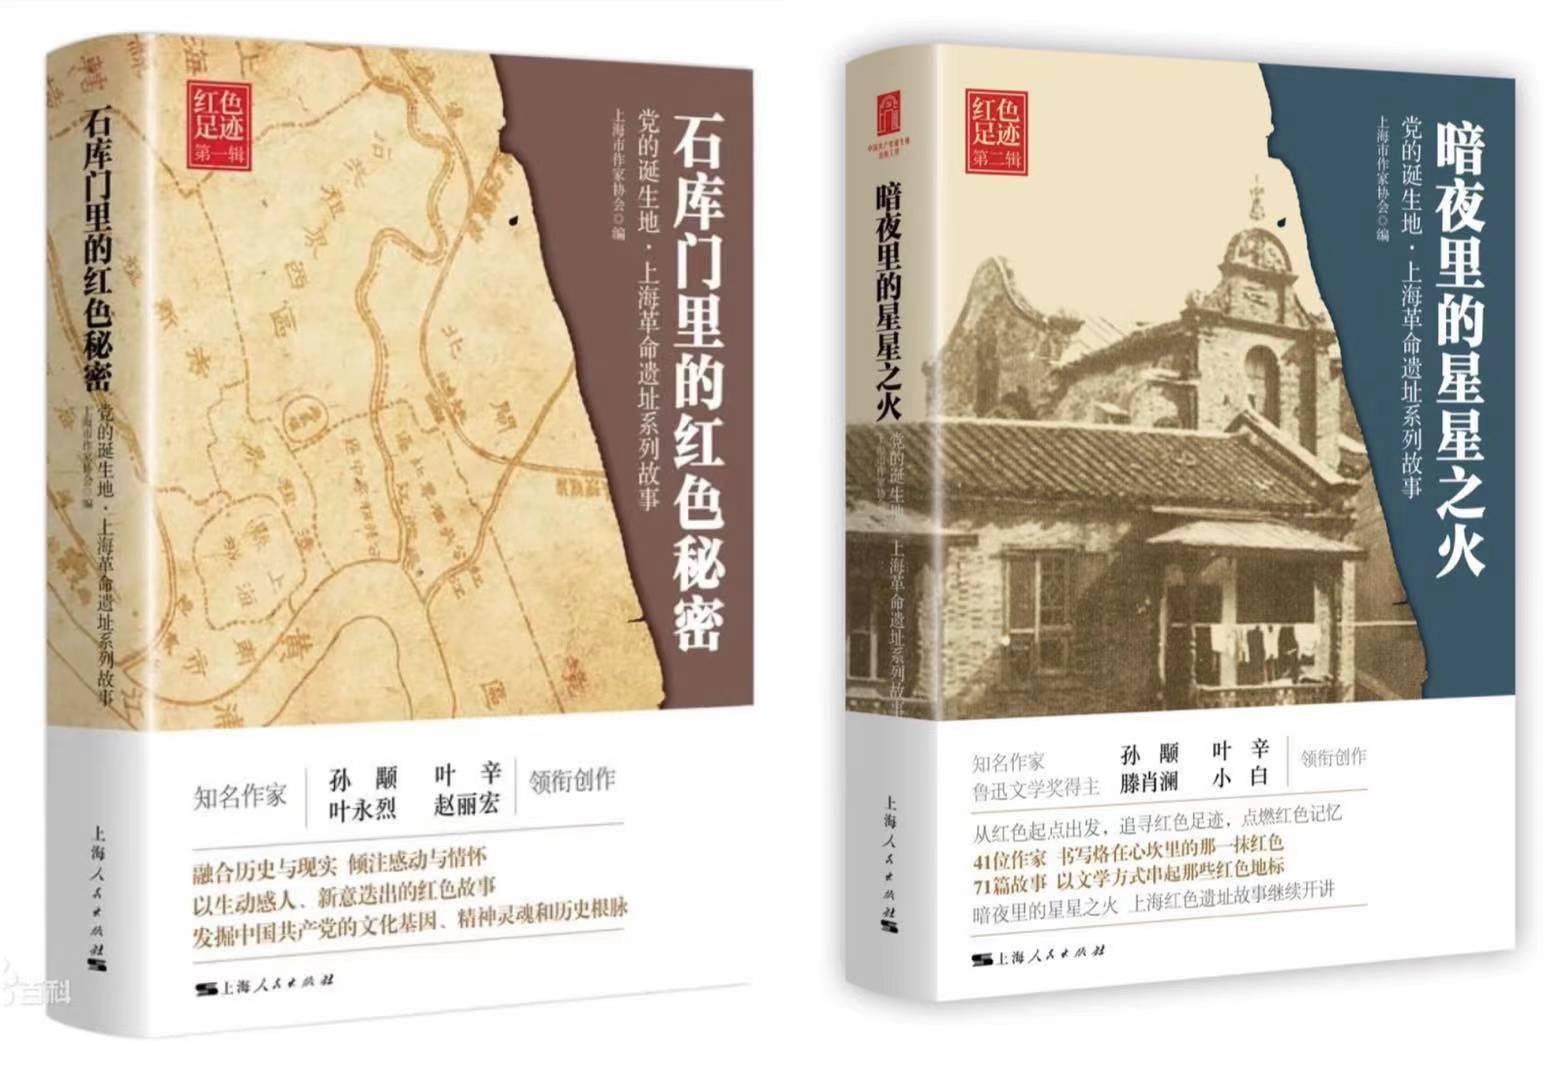 打捞石库门红色秘密,叶辛书写上海革命地标背后的故事